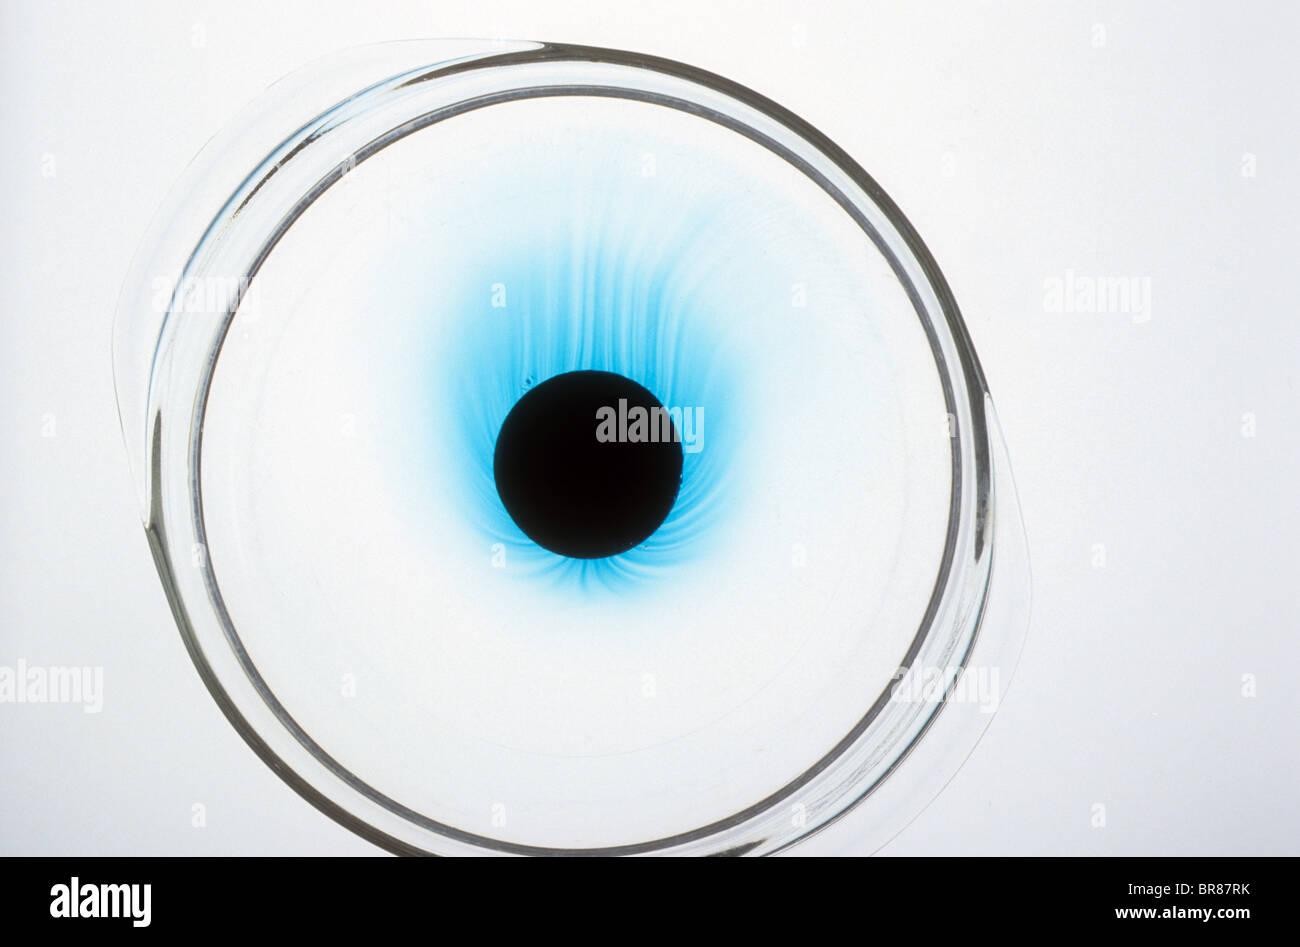 Disque colorant dissoudre dissiper pétri de l'eau de fonte pour cent fois couleur quantité disperser Photo Stock